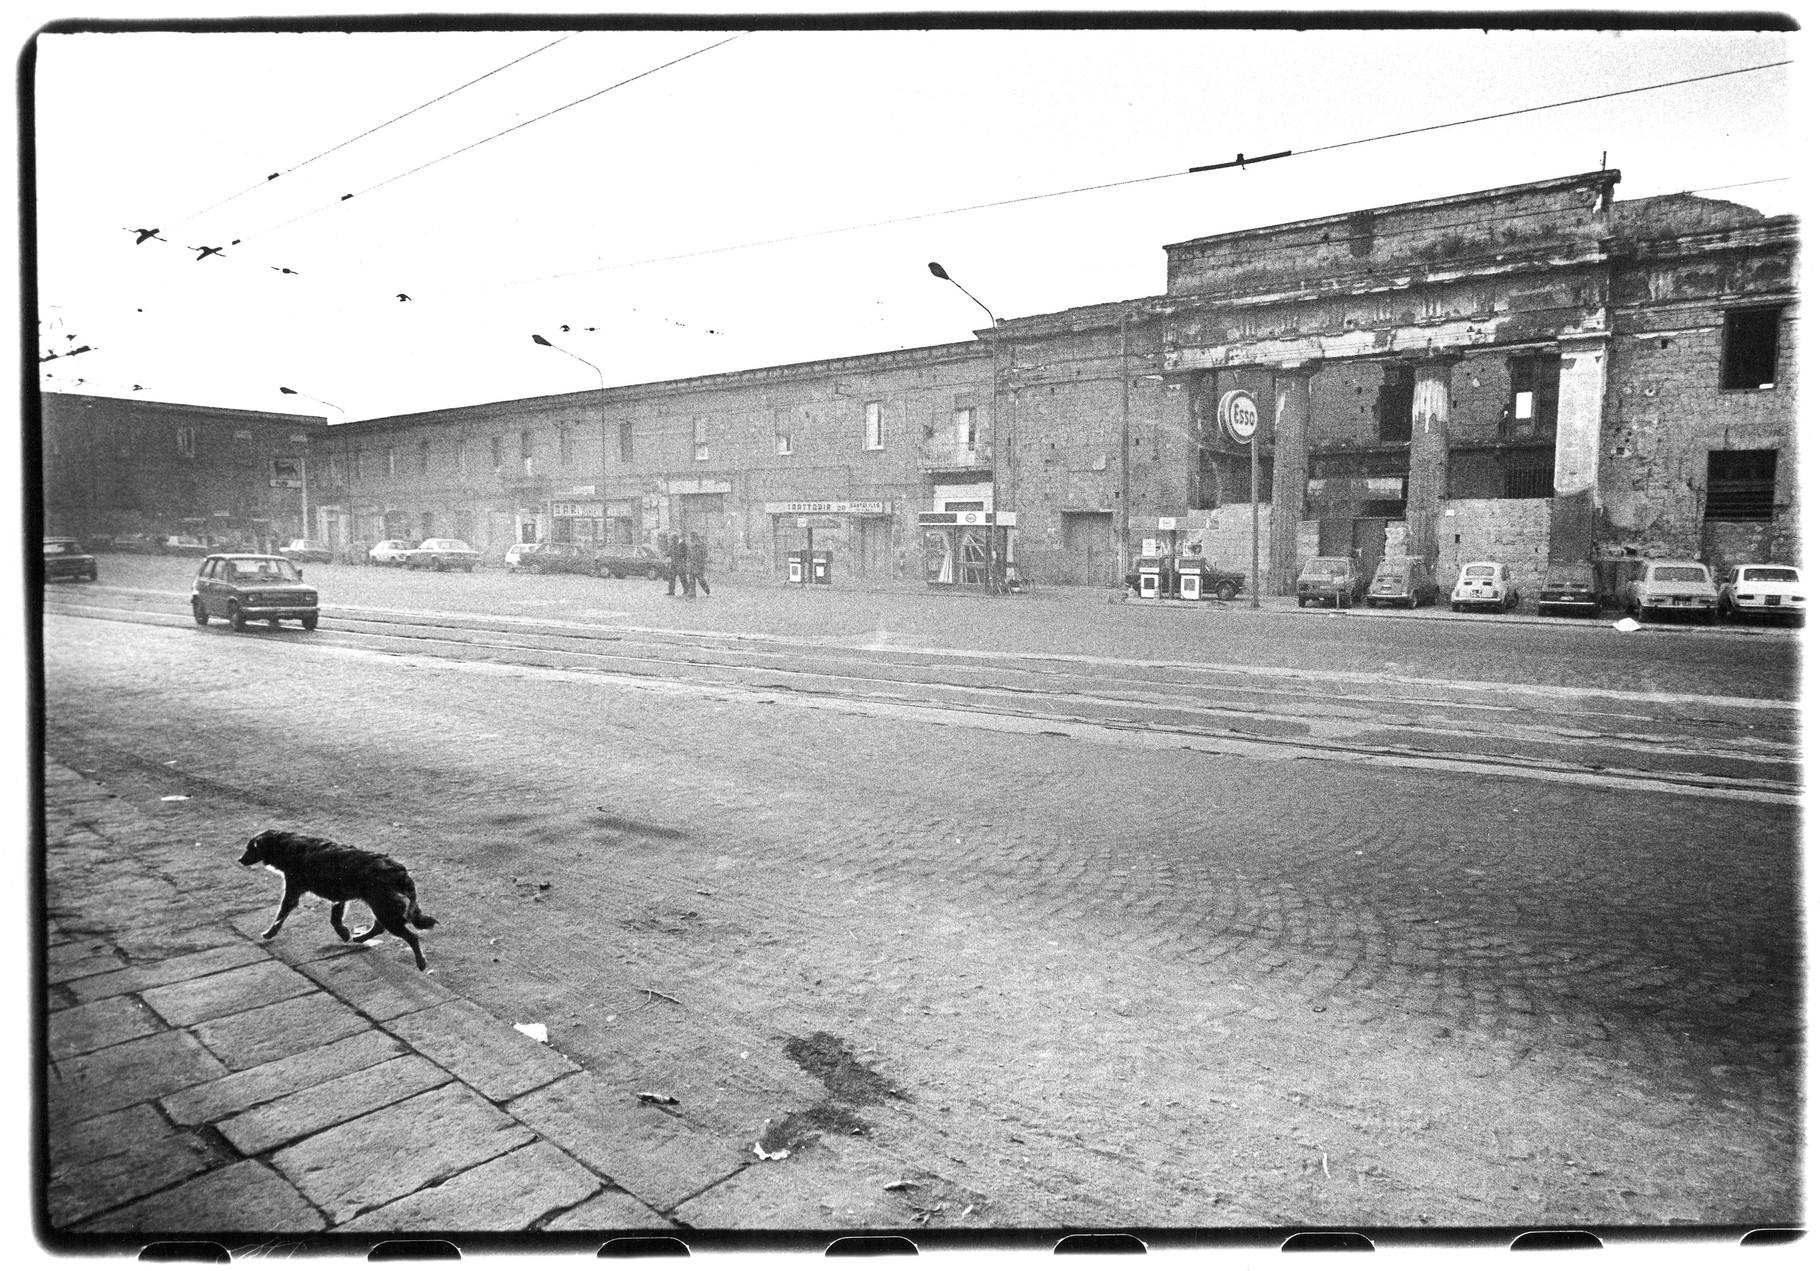 o.T., Neapel, 1982